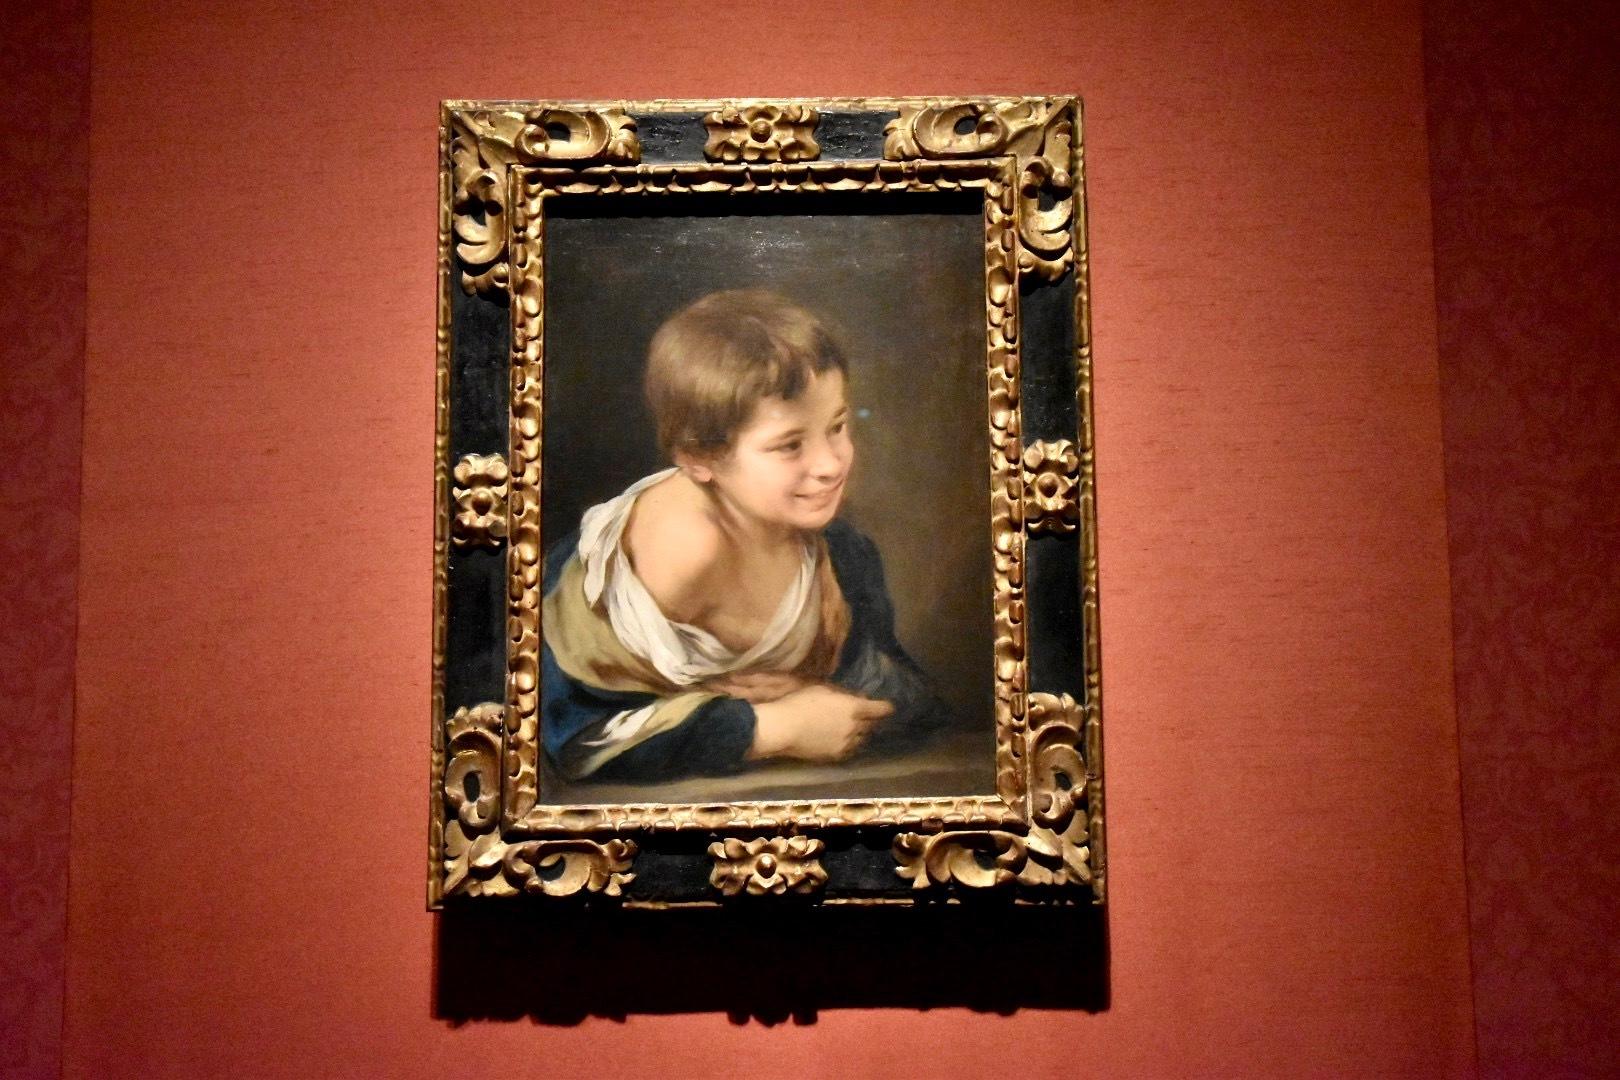 バルトロメ・エステバン・ムリーリョ《窓枠に身を乗り出した農民の少年》1675-80年頃